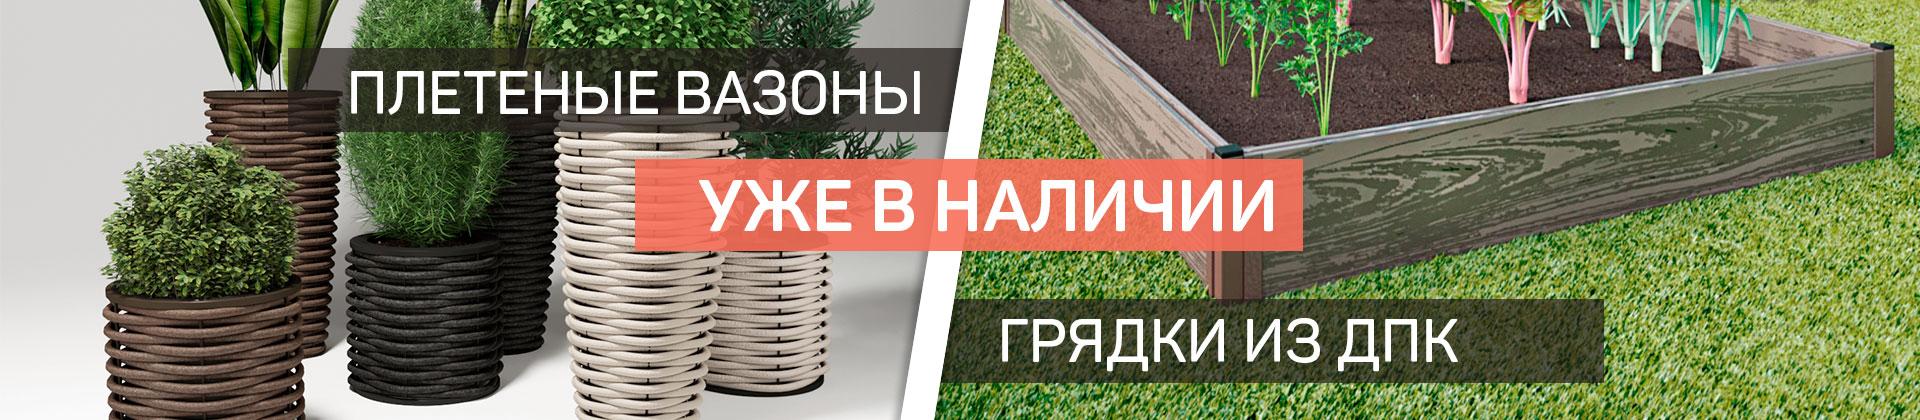 slide-09-3